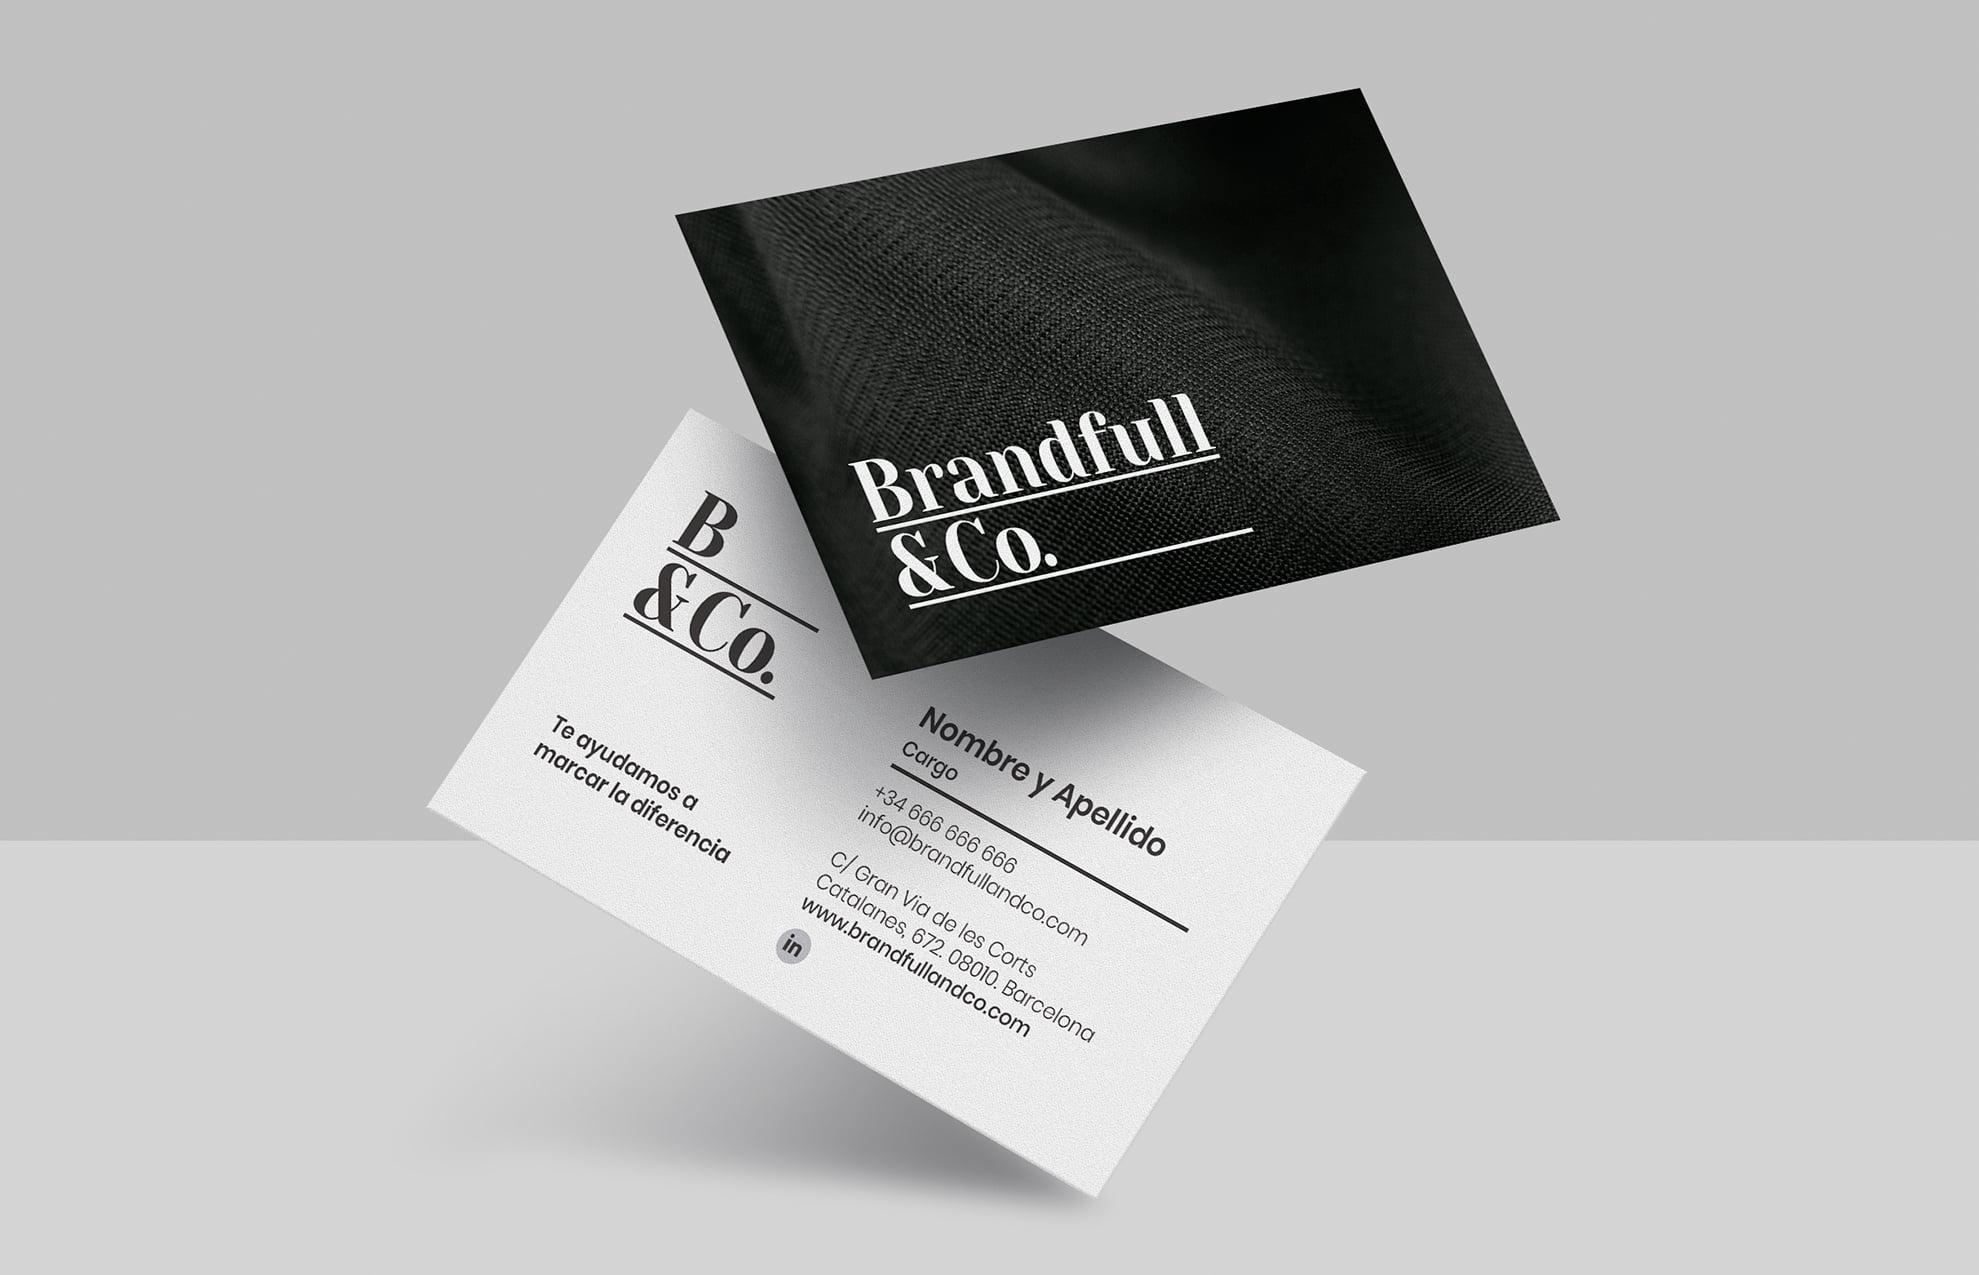 diseno targeta comercial moda - Brandfull&Co, un proyecto integral de diseño